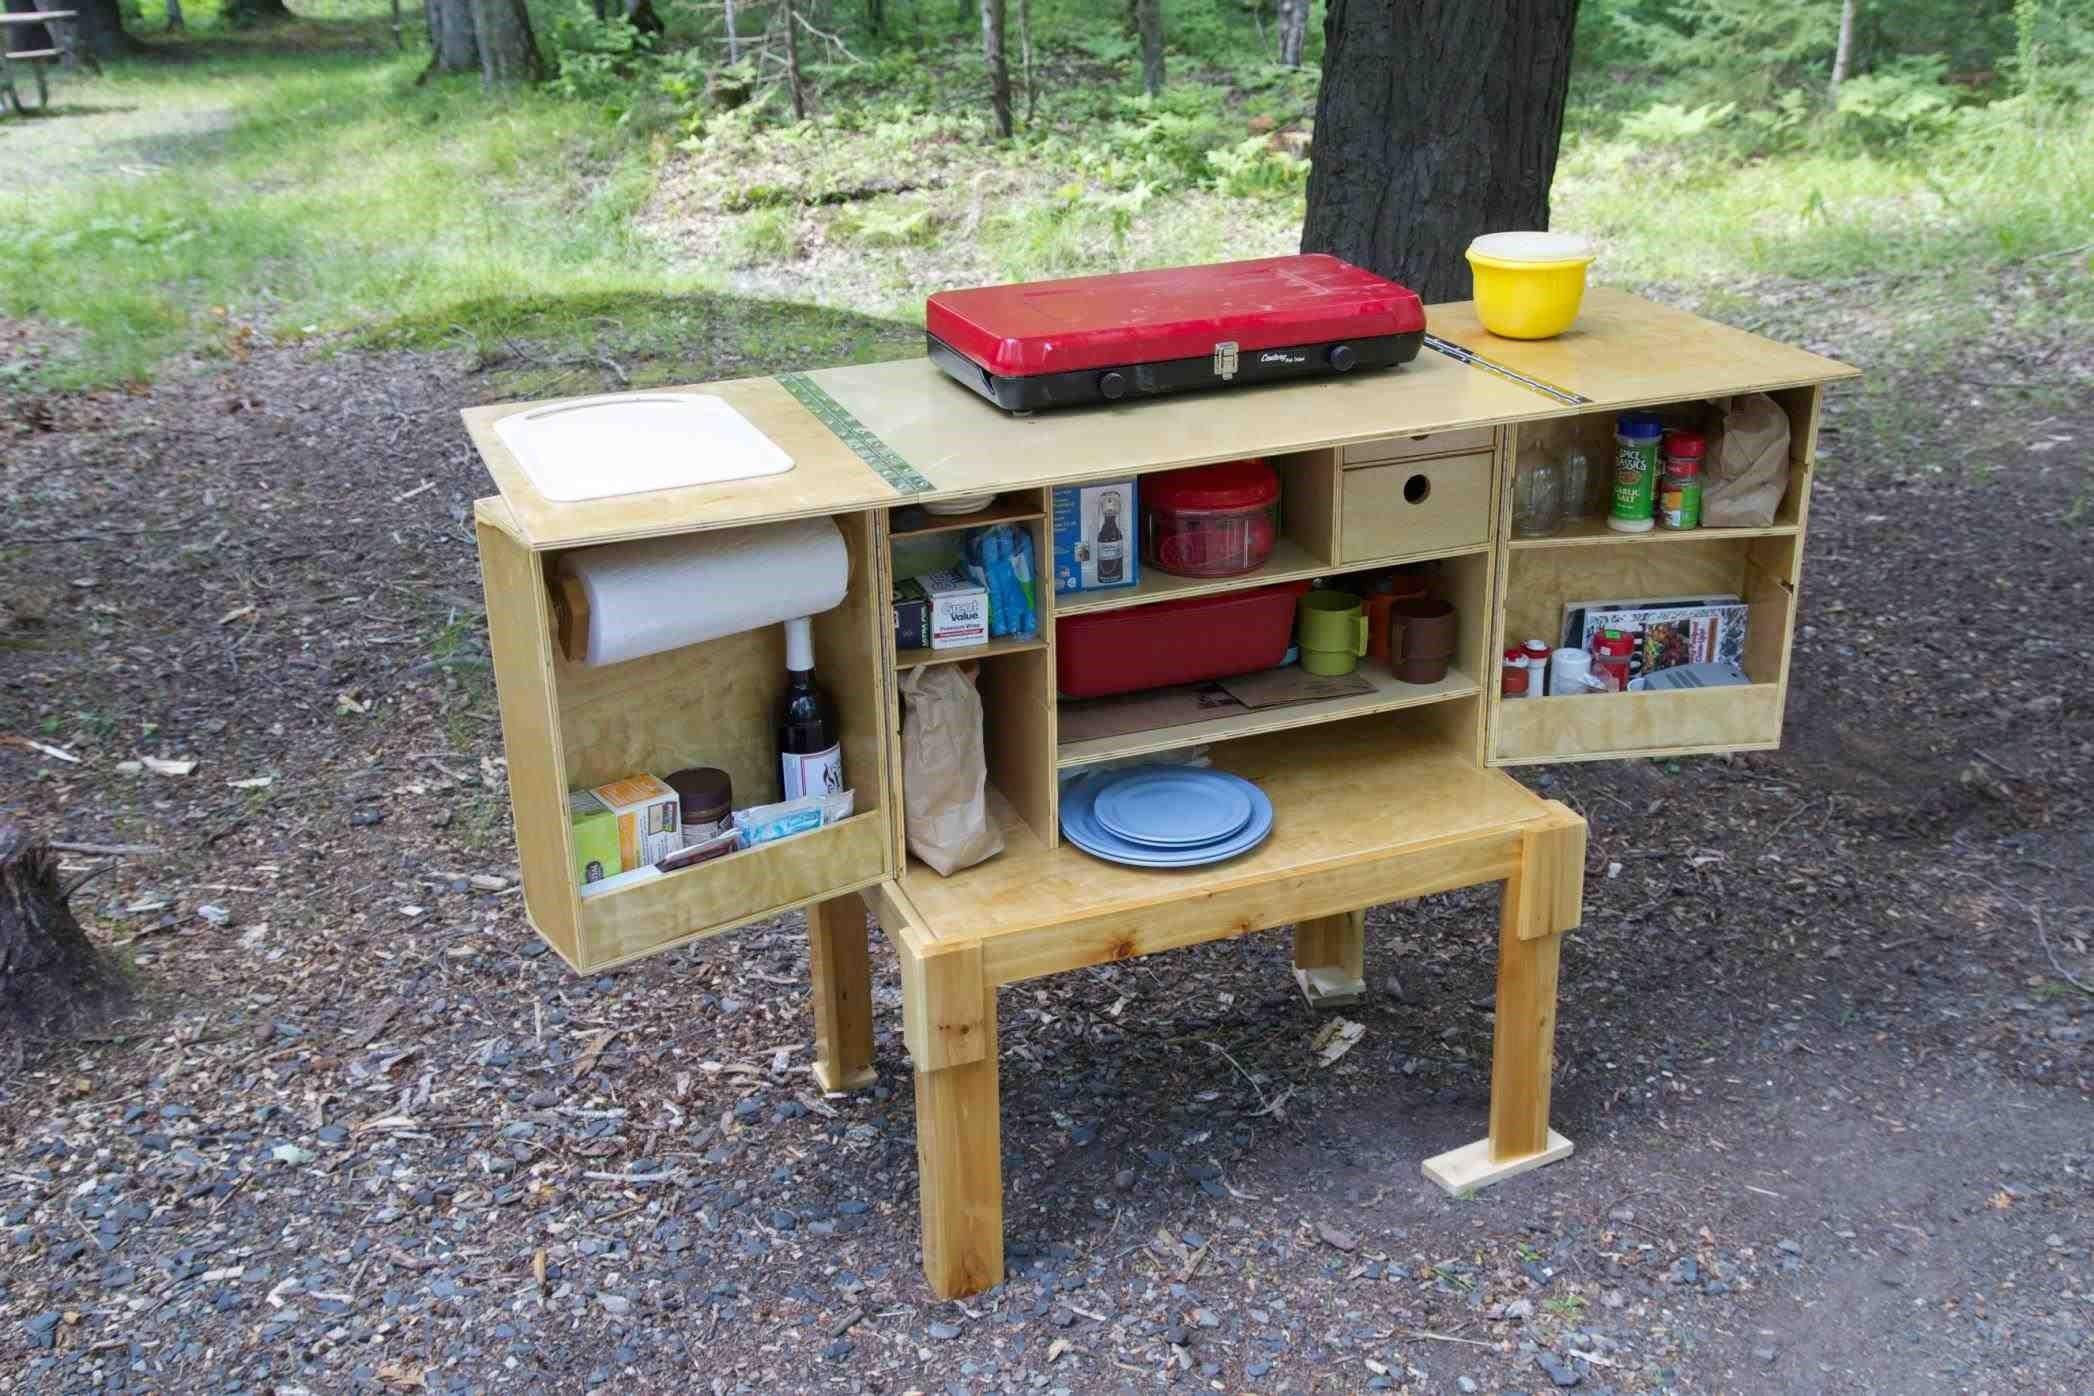 diy camping kitchen box  camping  Chuck box Camp